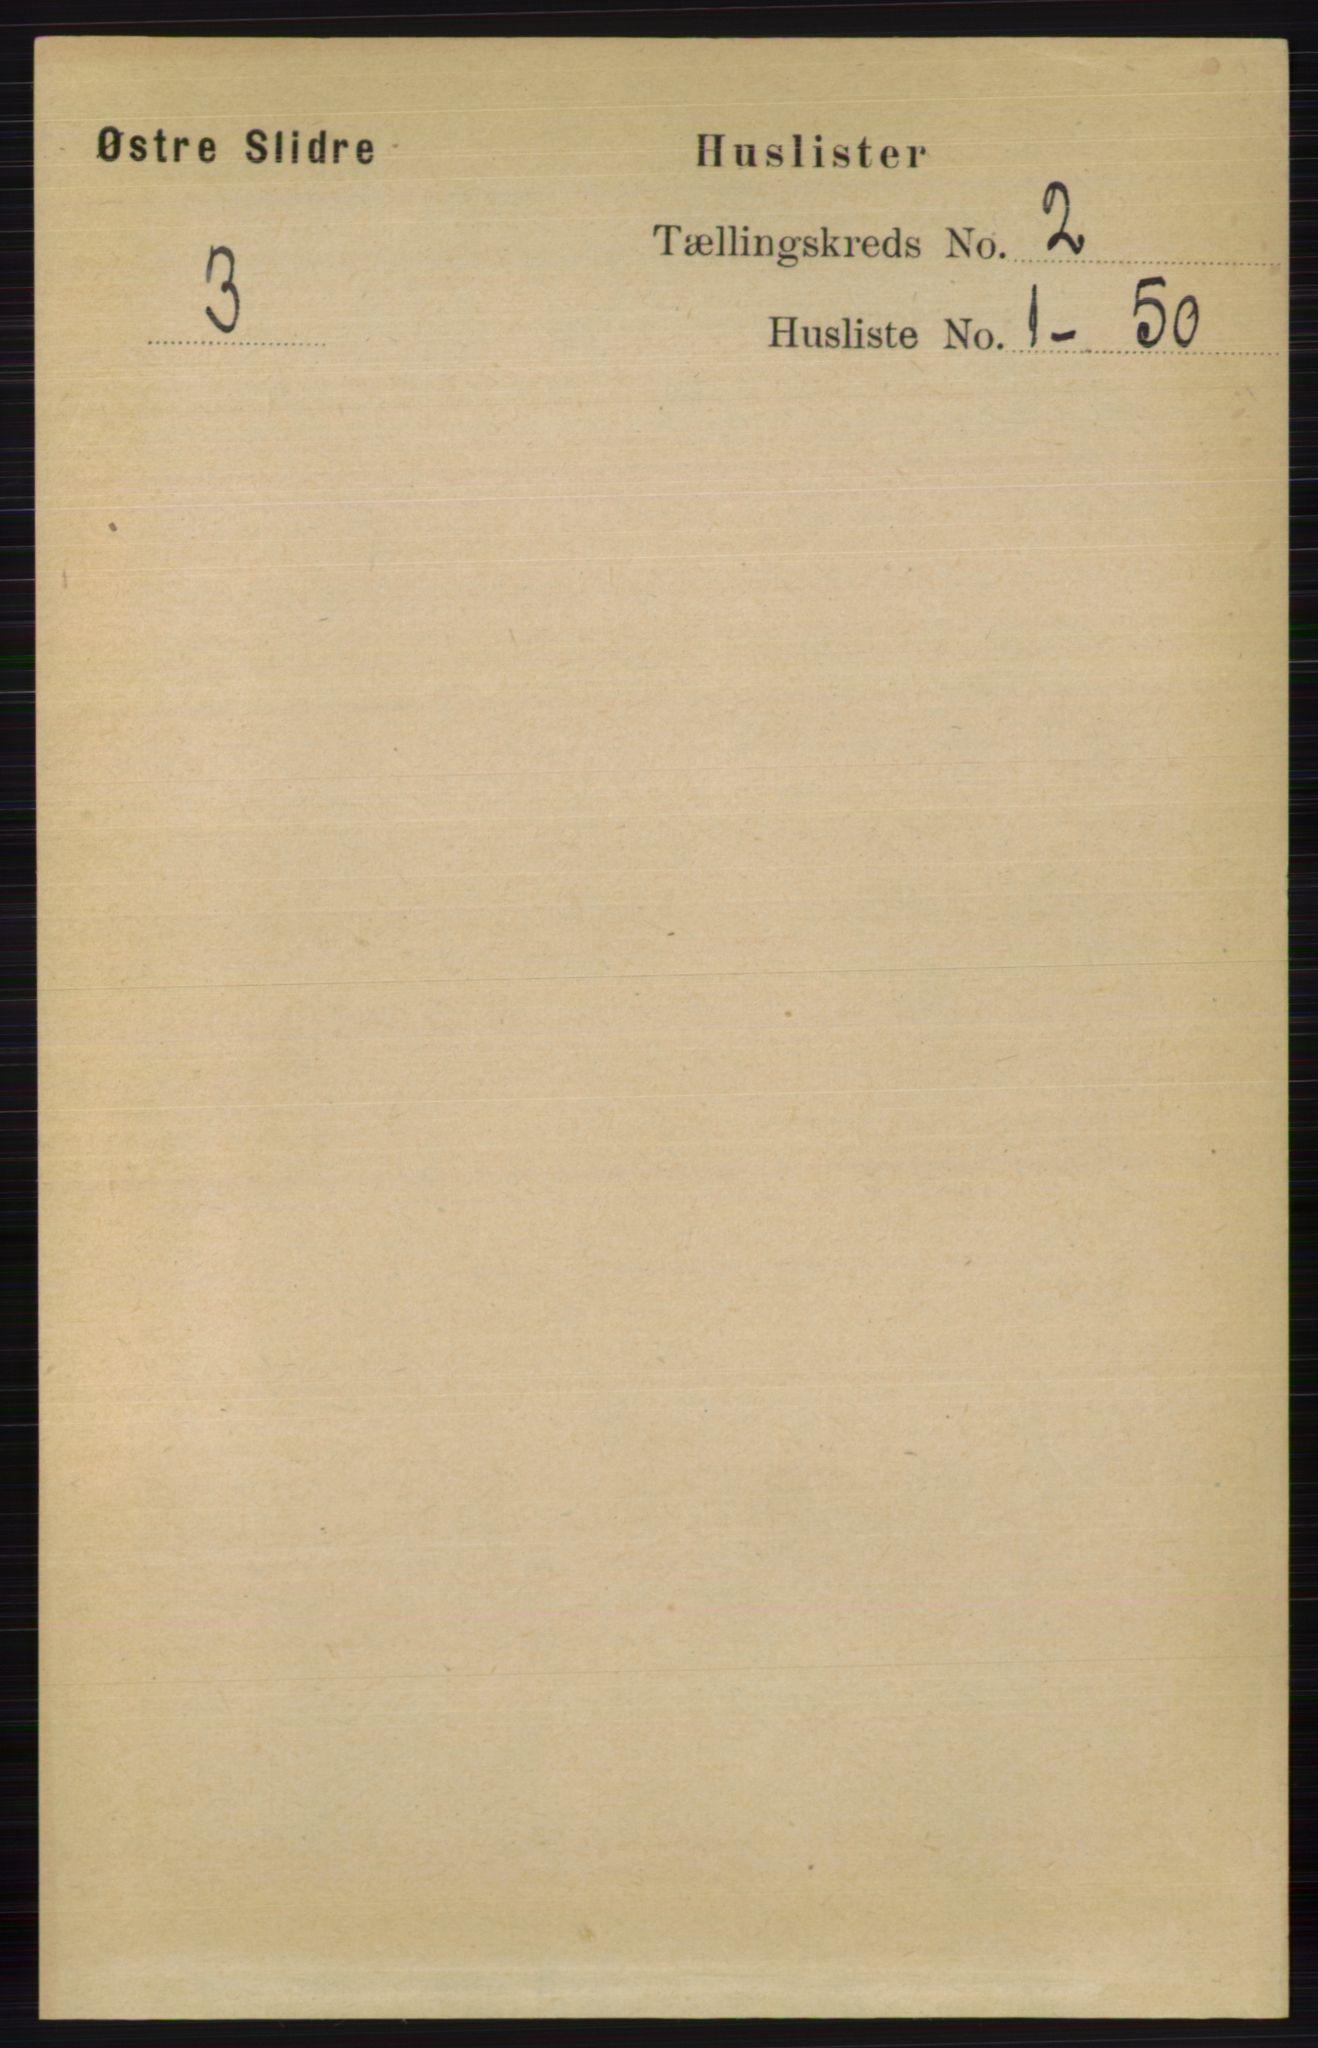 RA, Folketelling 1891 for 0544 Øystre Slidre herred, 1891, s. 219